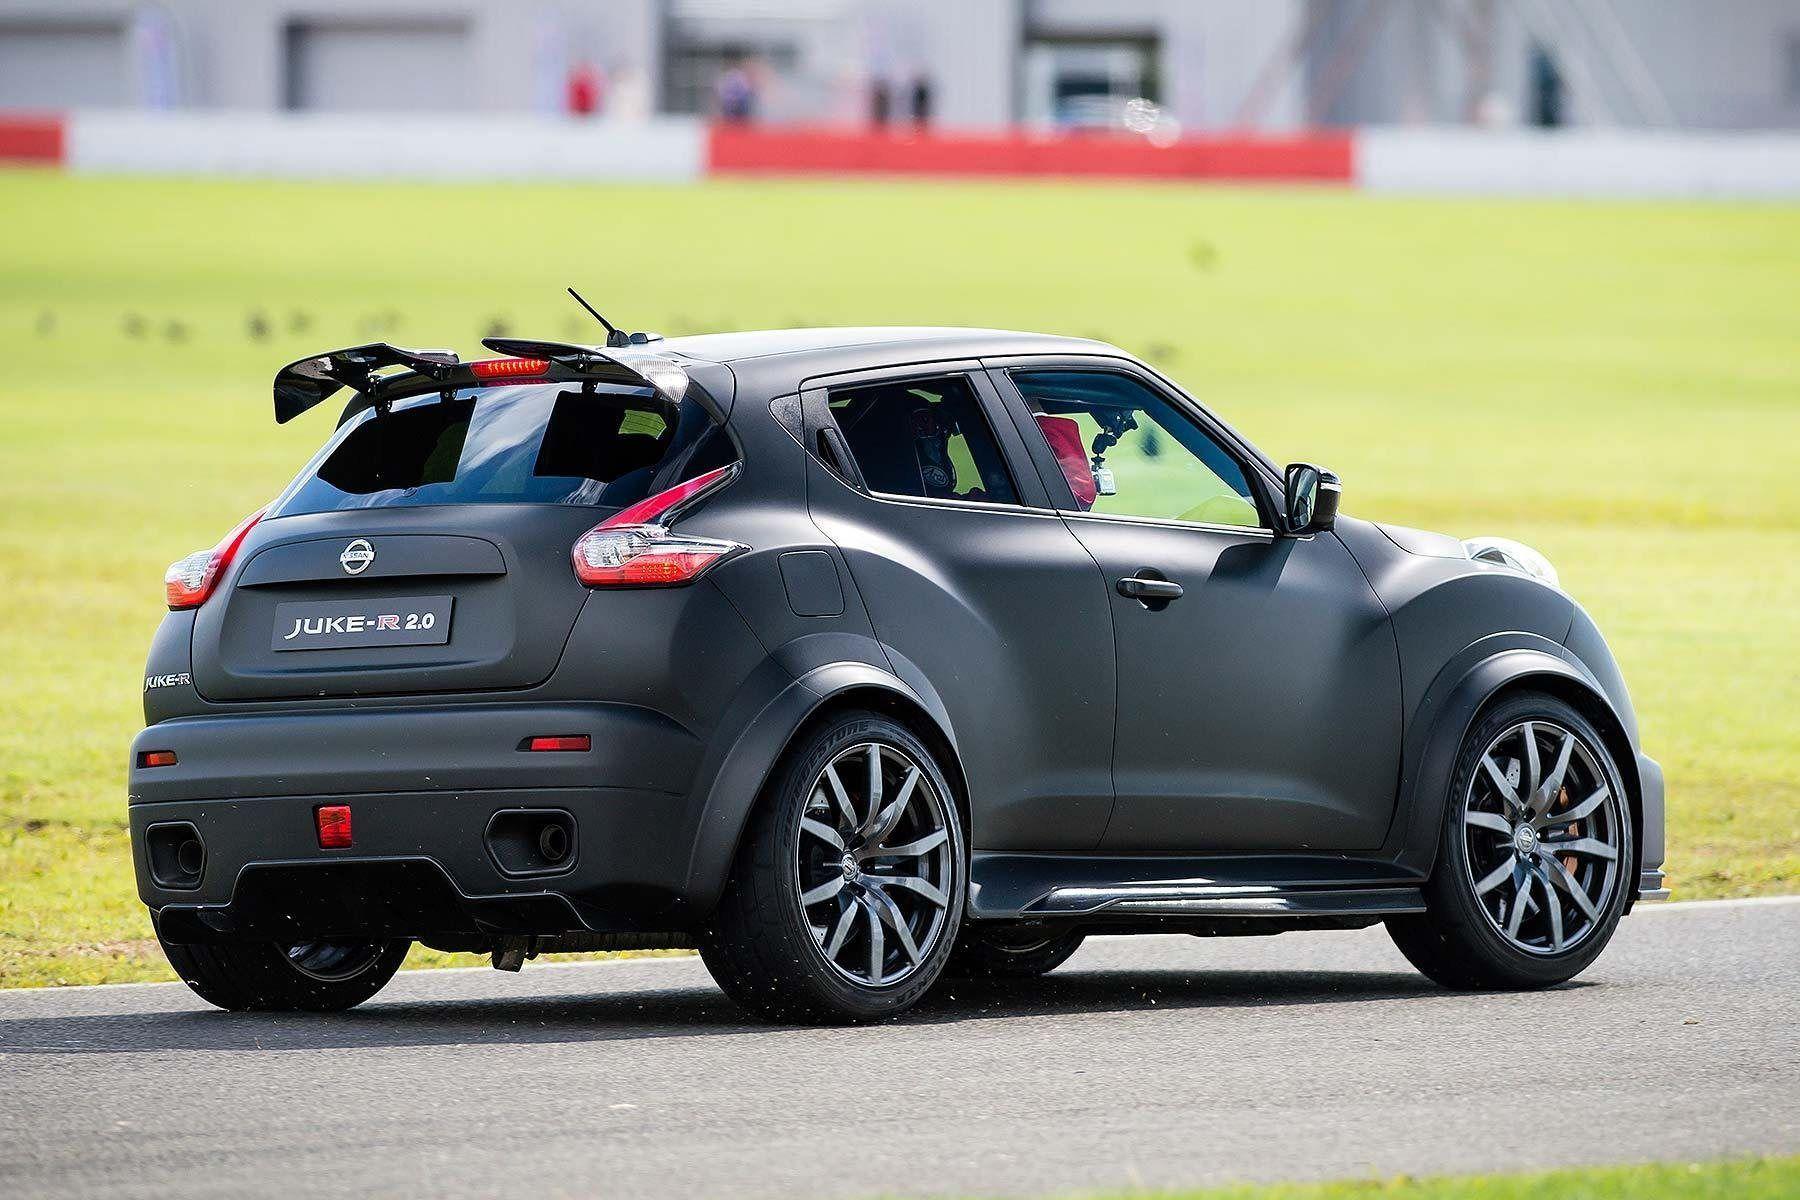 2021 Nissan Juke Spesification In 2020 Nissan Juke Nissan Gt